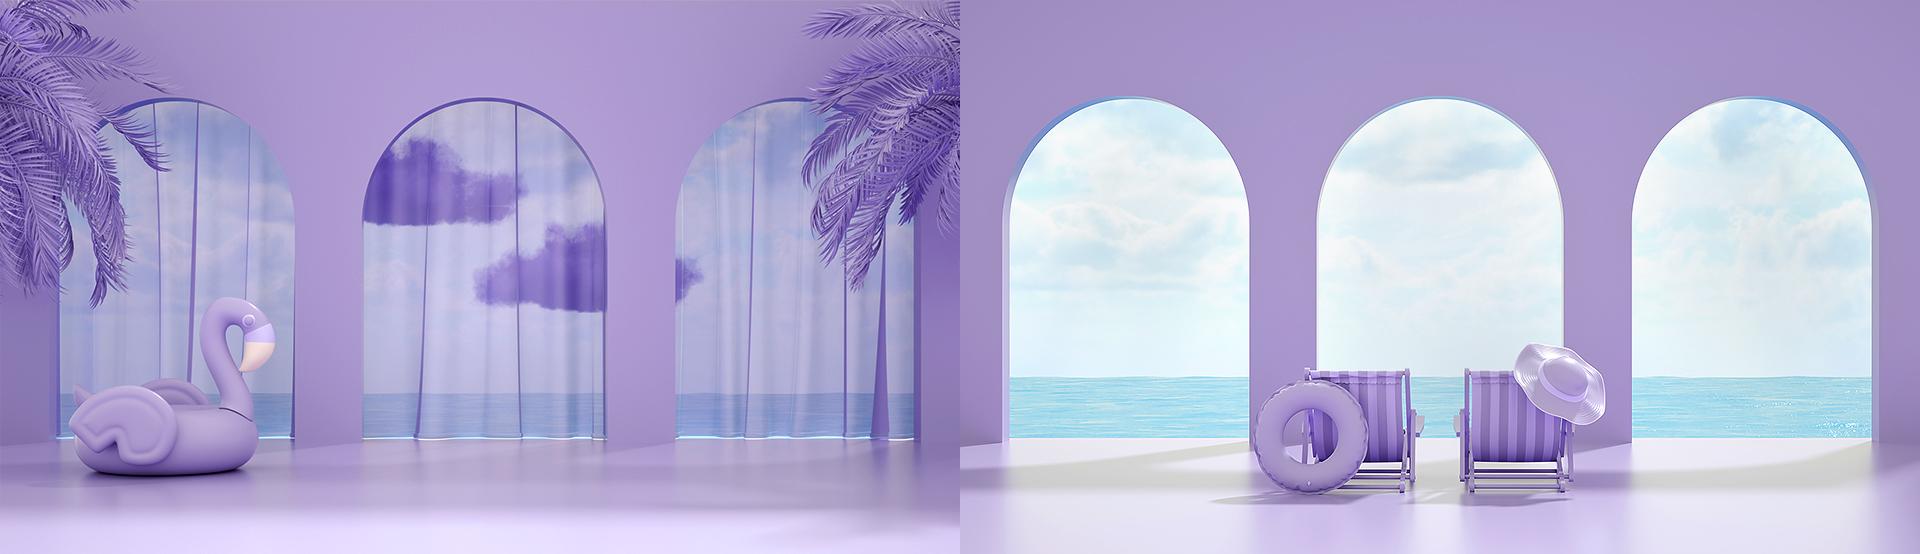 Minimal Summer Background